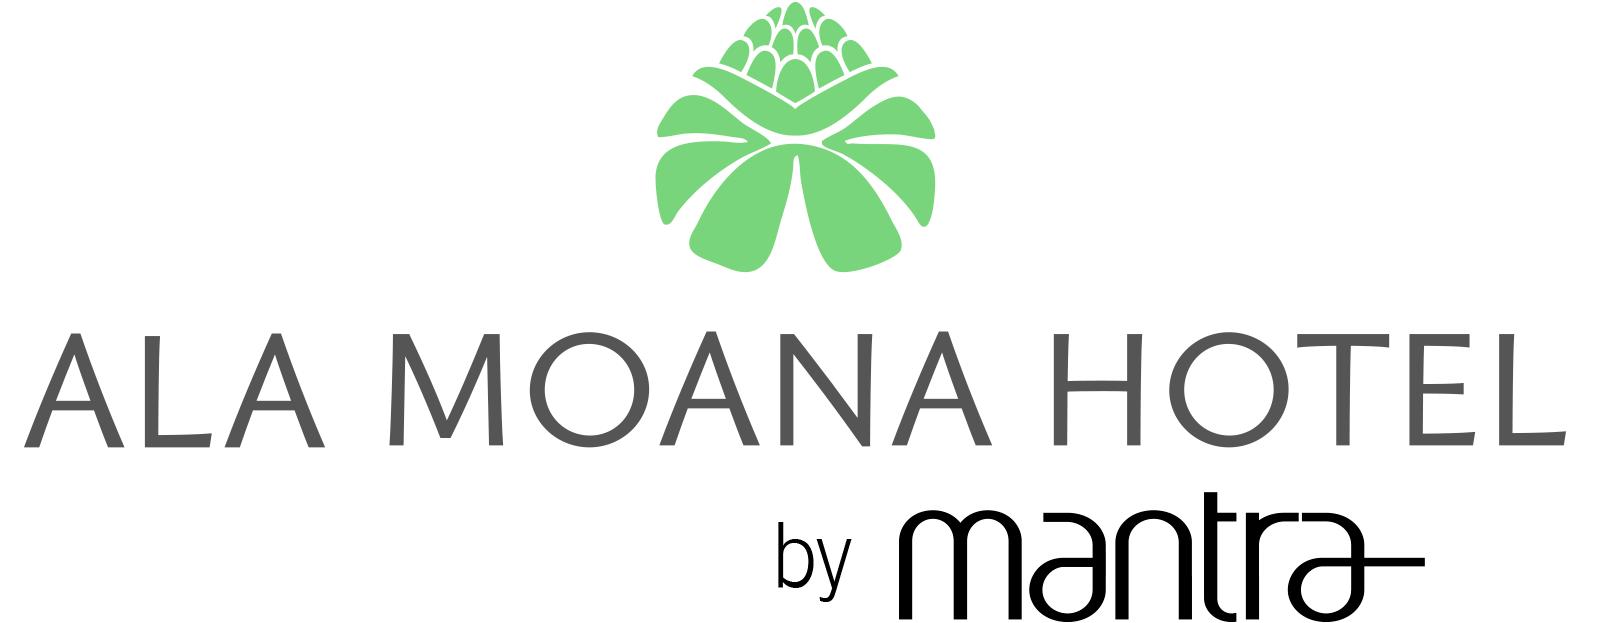 アラモアナ・ホテル